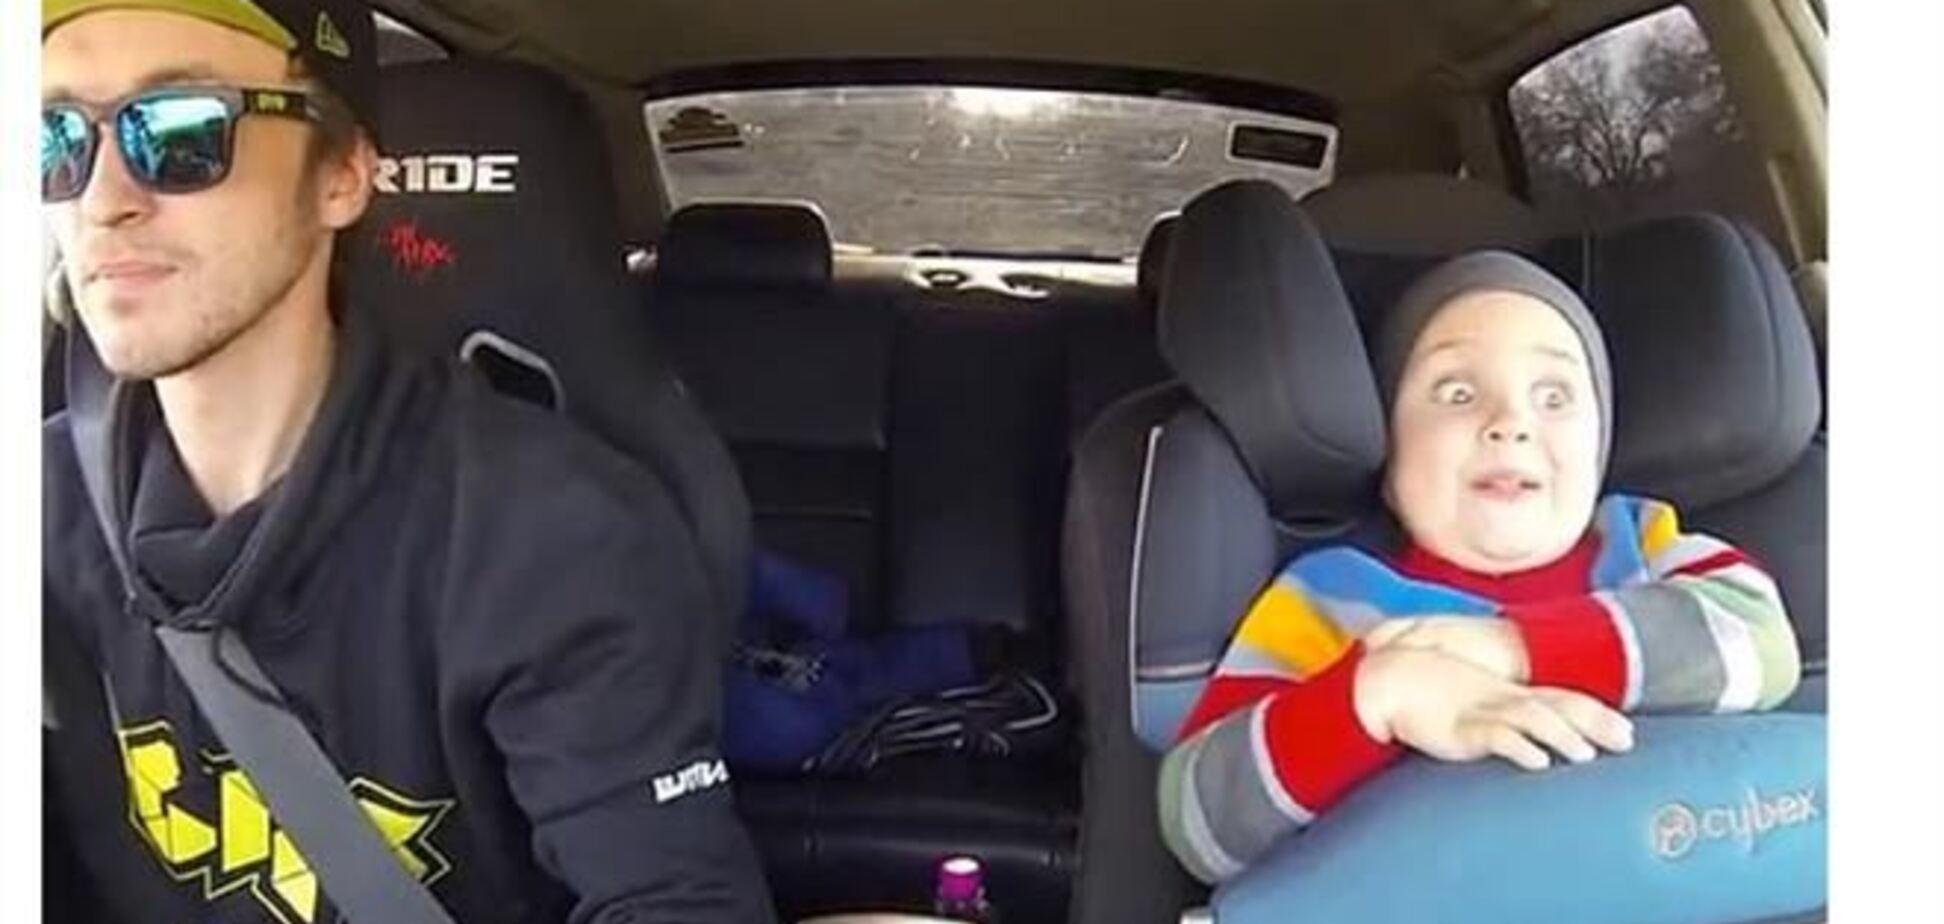 Папа-гонщик устроил малышу поездку всей его жизни